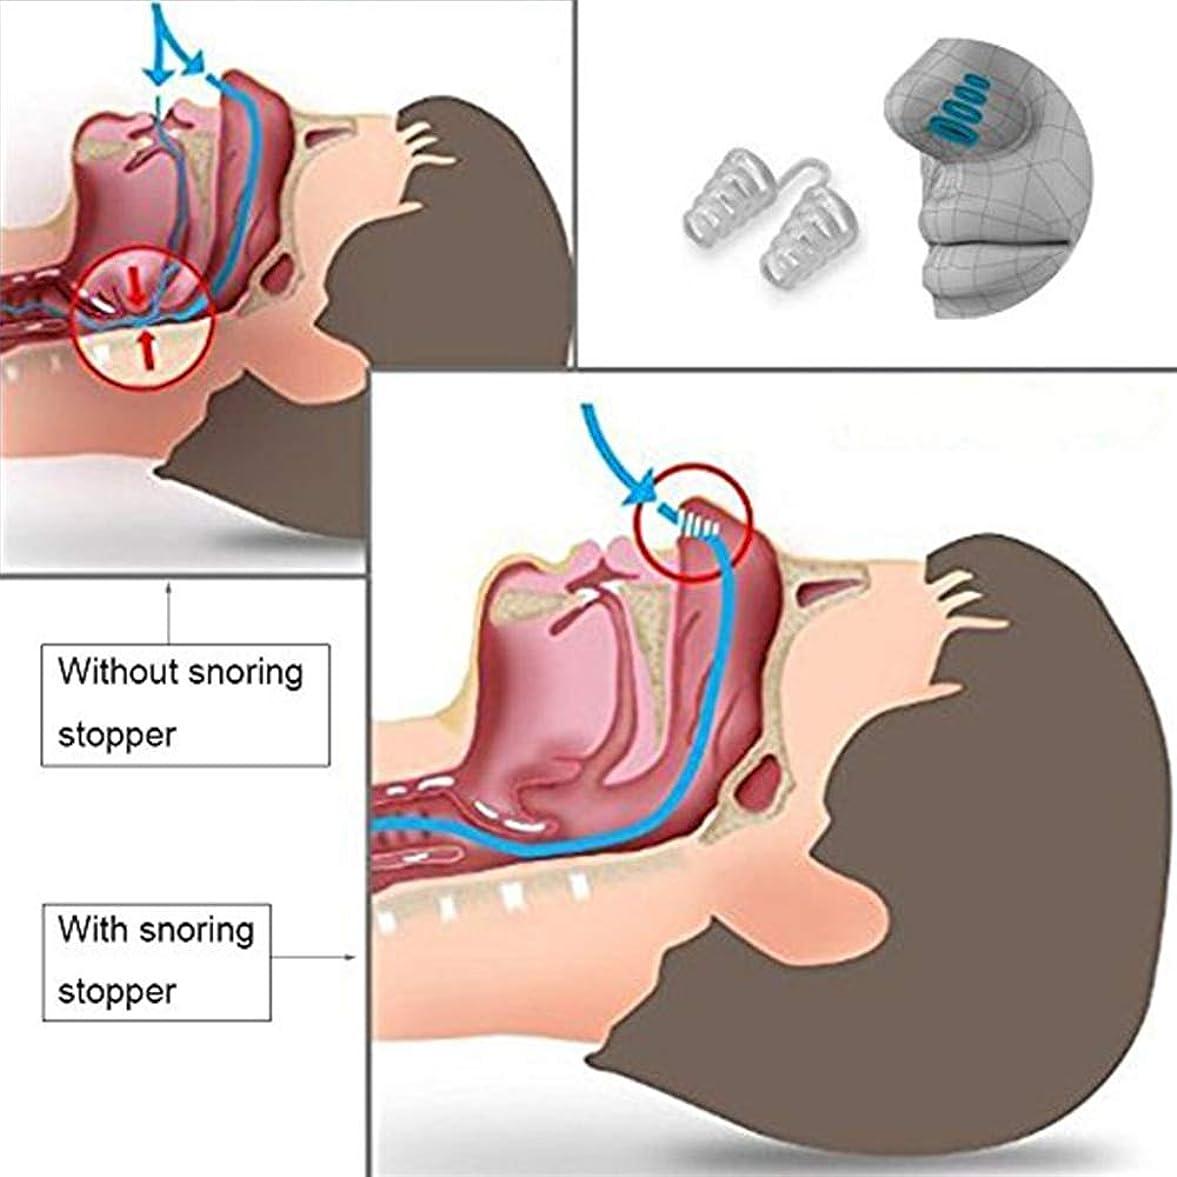 ペイントクラック広くNOTE 2017抗いびきベルトチンストラップケア睡眠鼻拡張器マウスガード4ピース抗いびきソリューションセット用男性女性